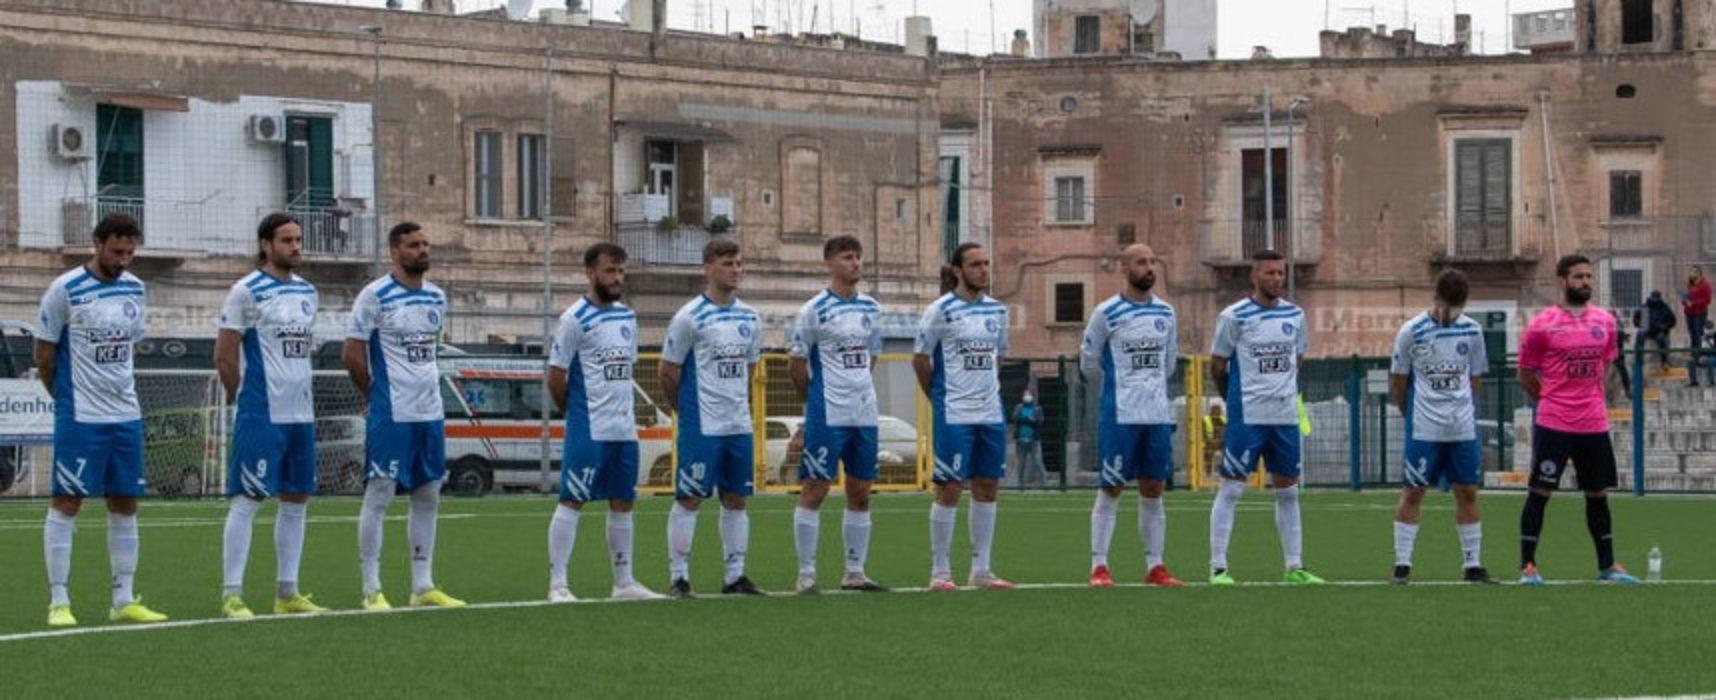 Unione Calcio, trasferta dall'alto coefficiente di difficoltà contro l'Audace Barletta